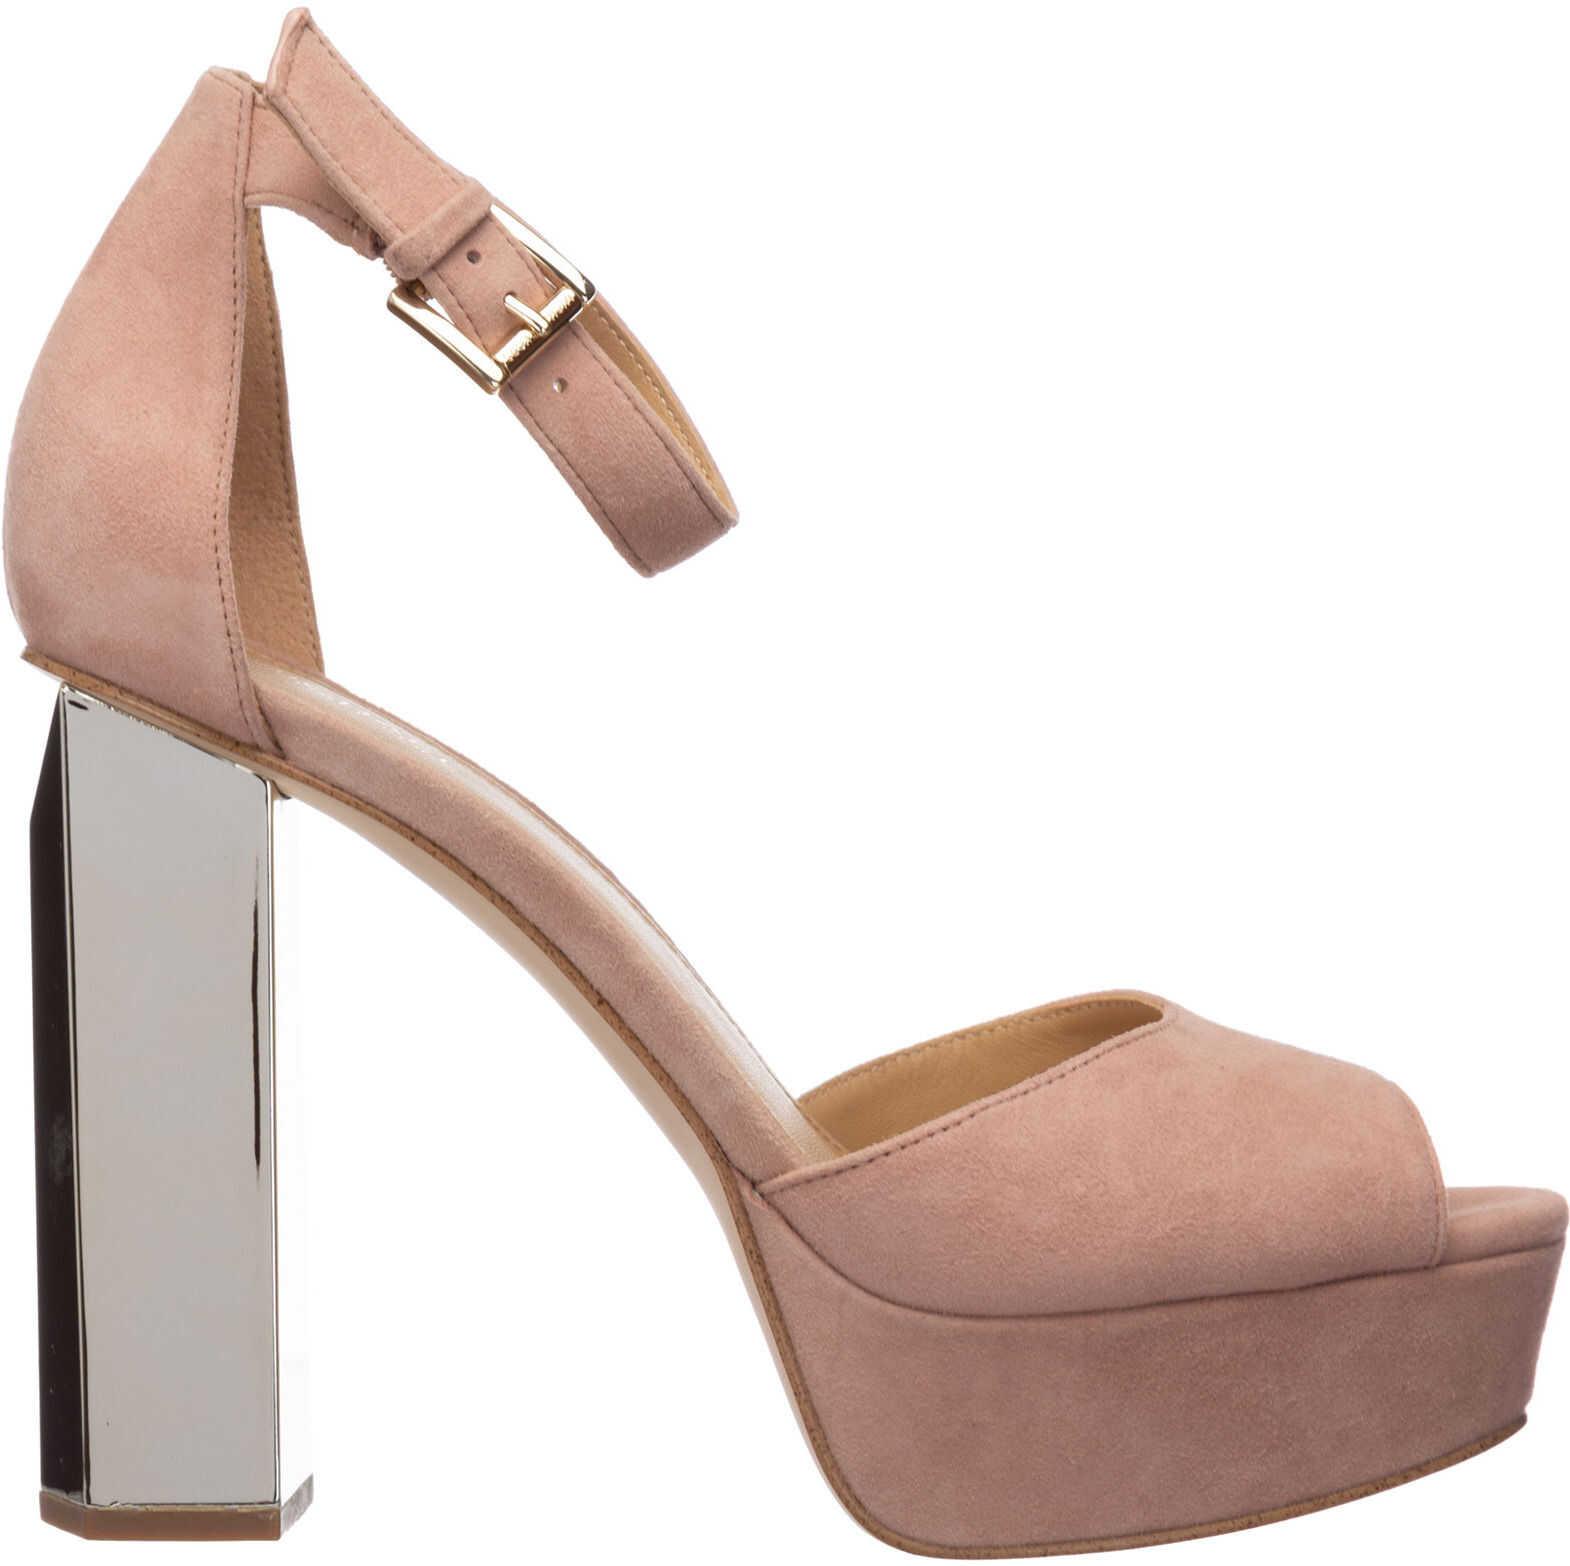 Michael Kors Sandals Petra Pink